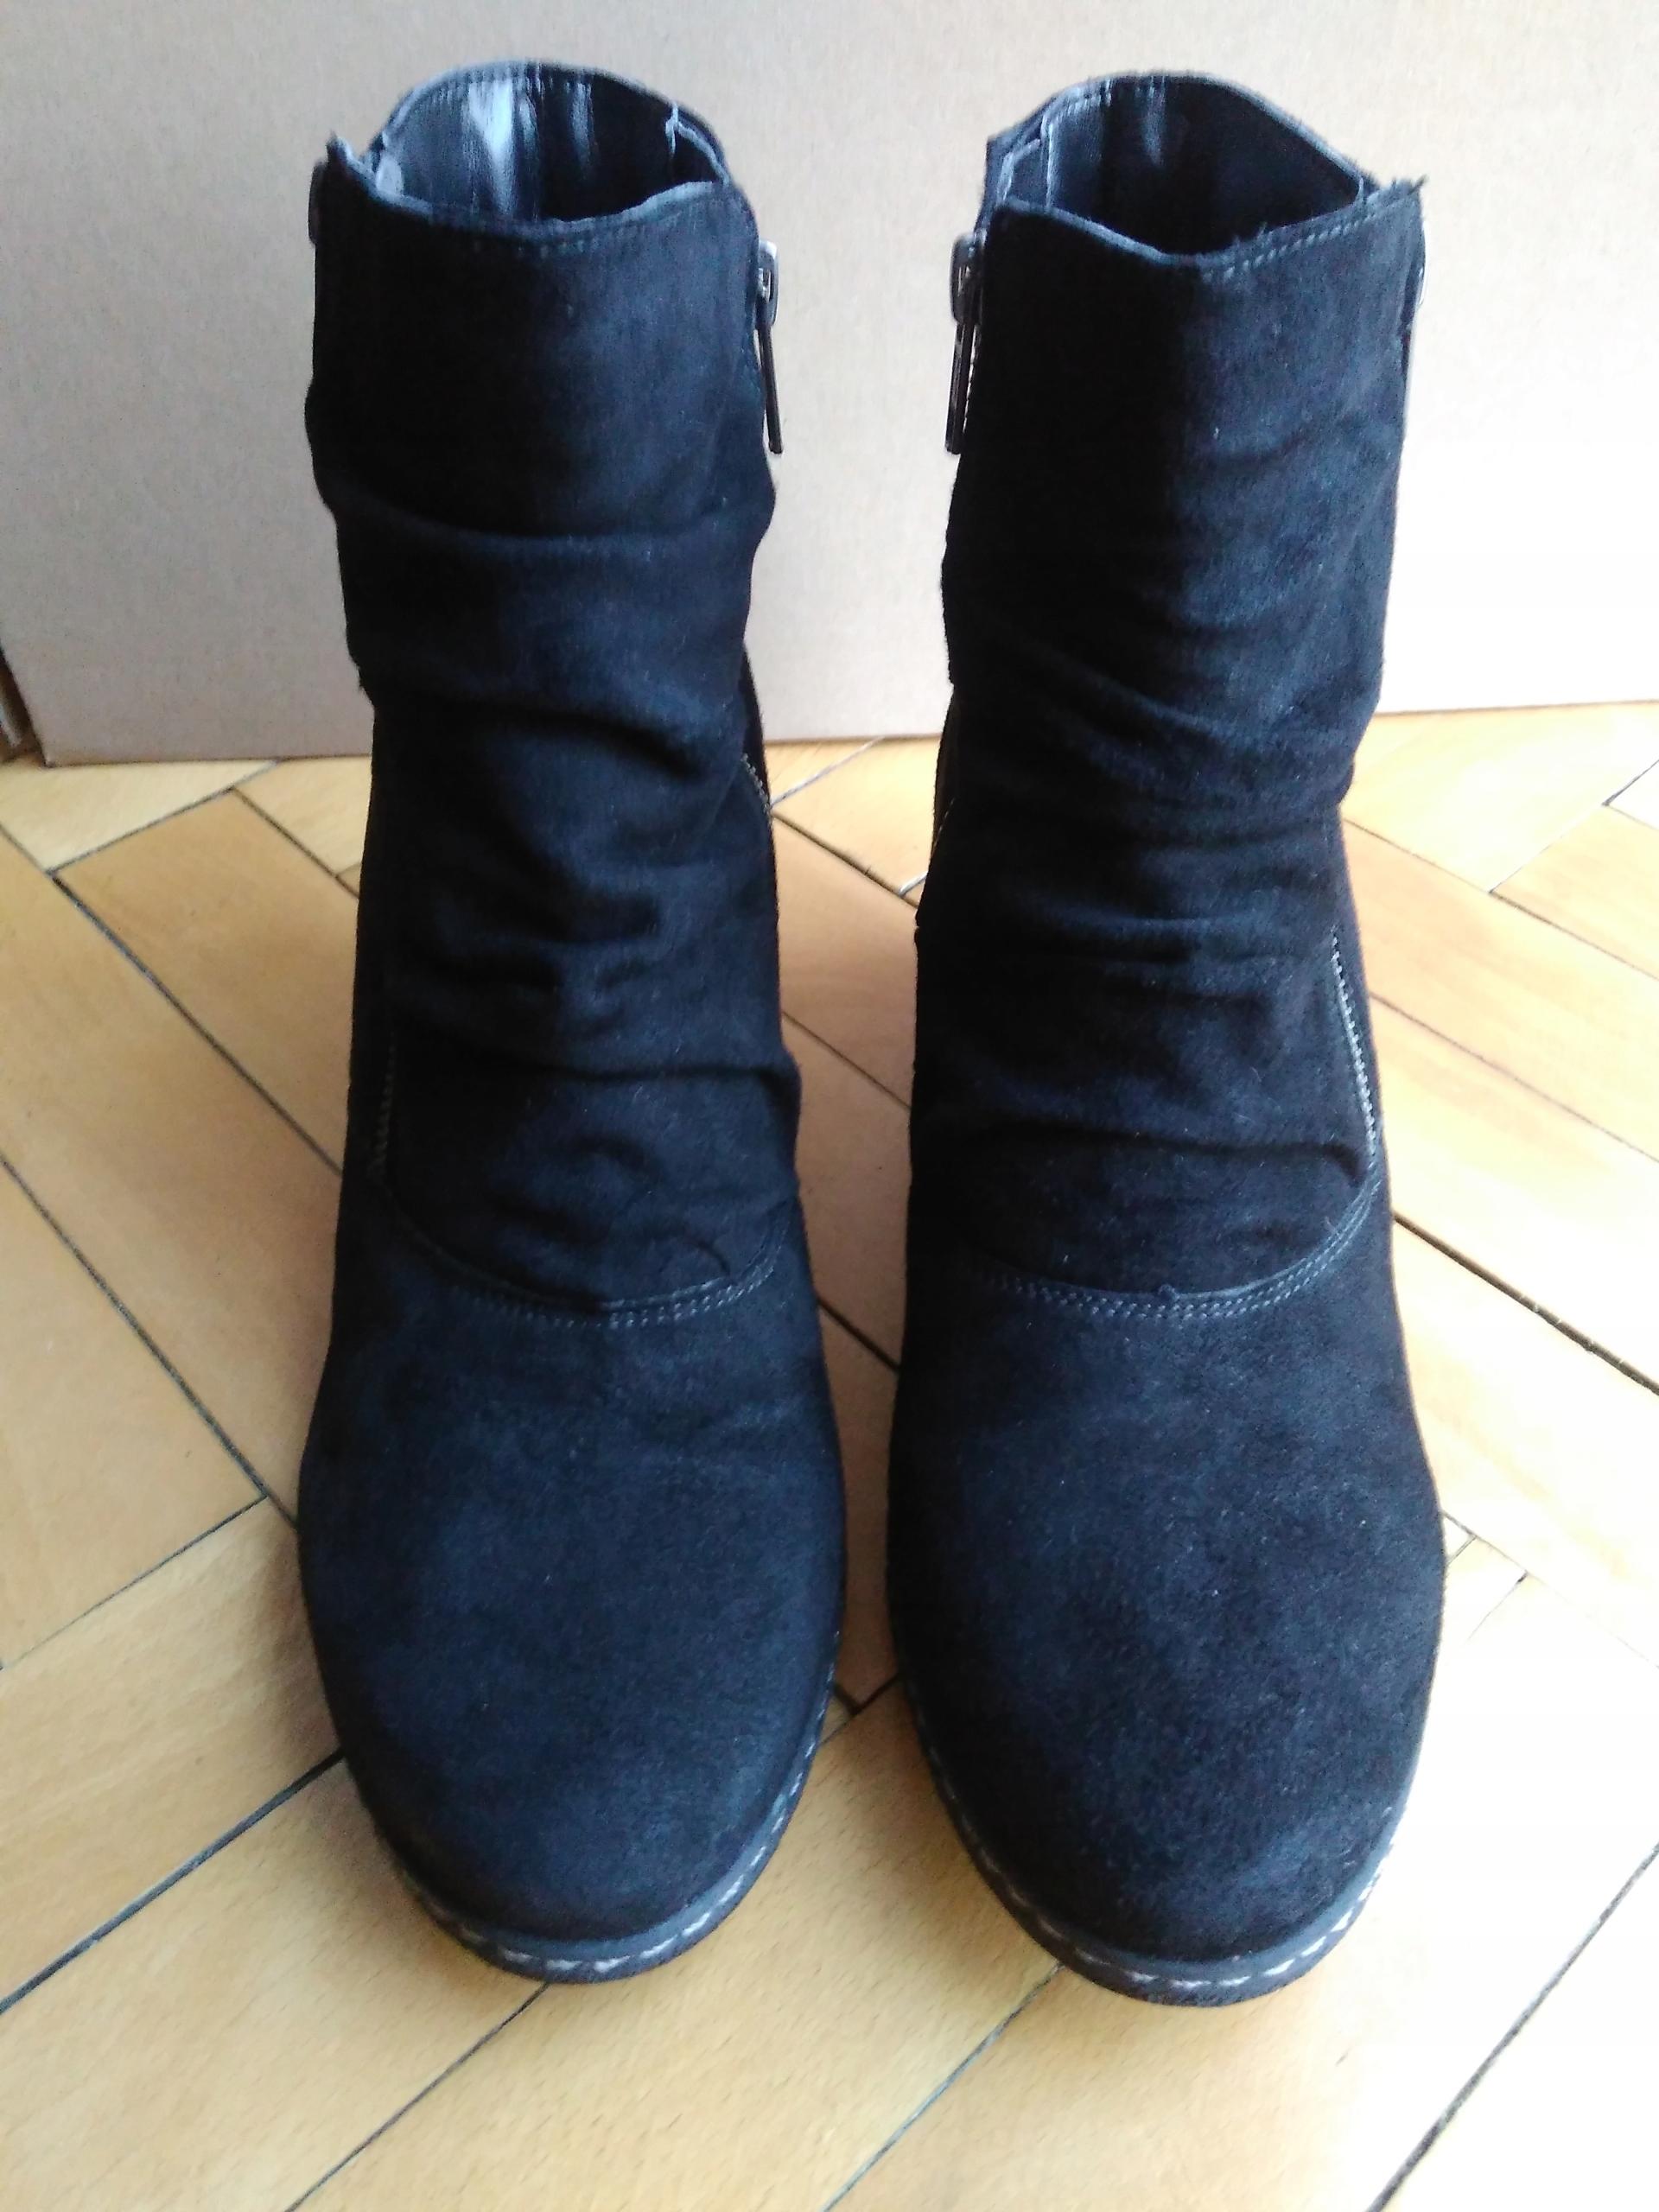 1409837af428e Skórzane zamszowe buty botki koturny Deichmann 40 - 7615172923 ...